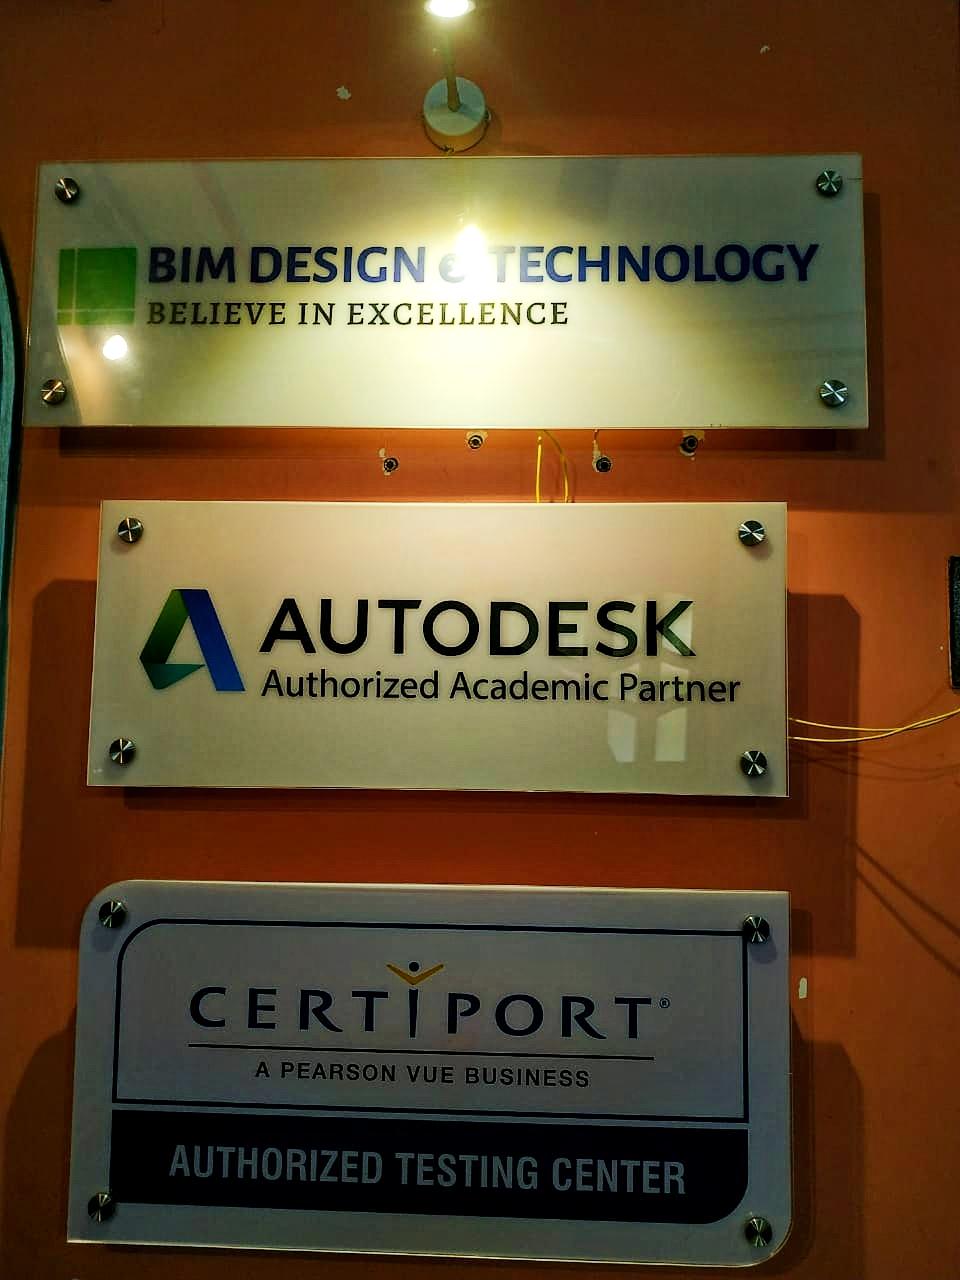 BIM DESIGN & TECHNOLOGY-SchoSys.com